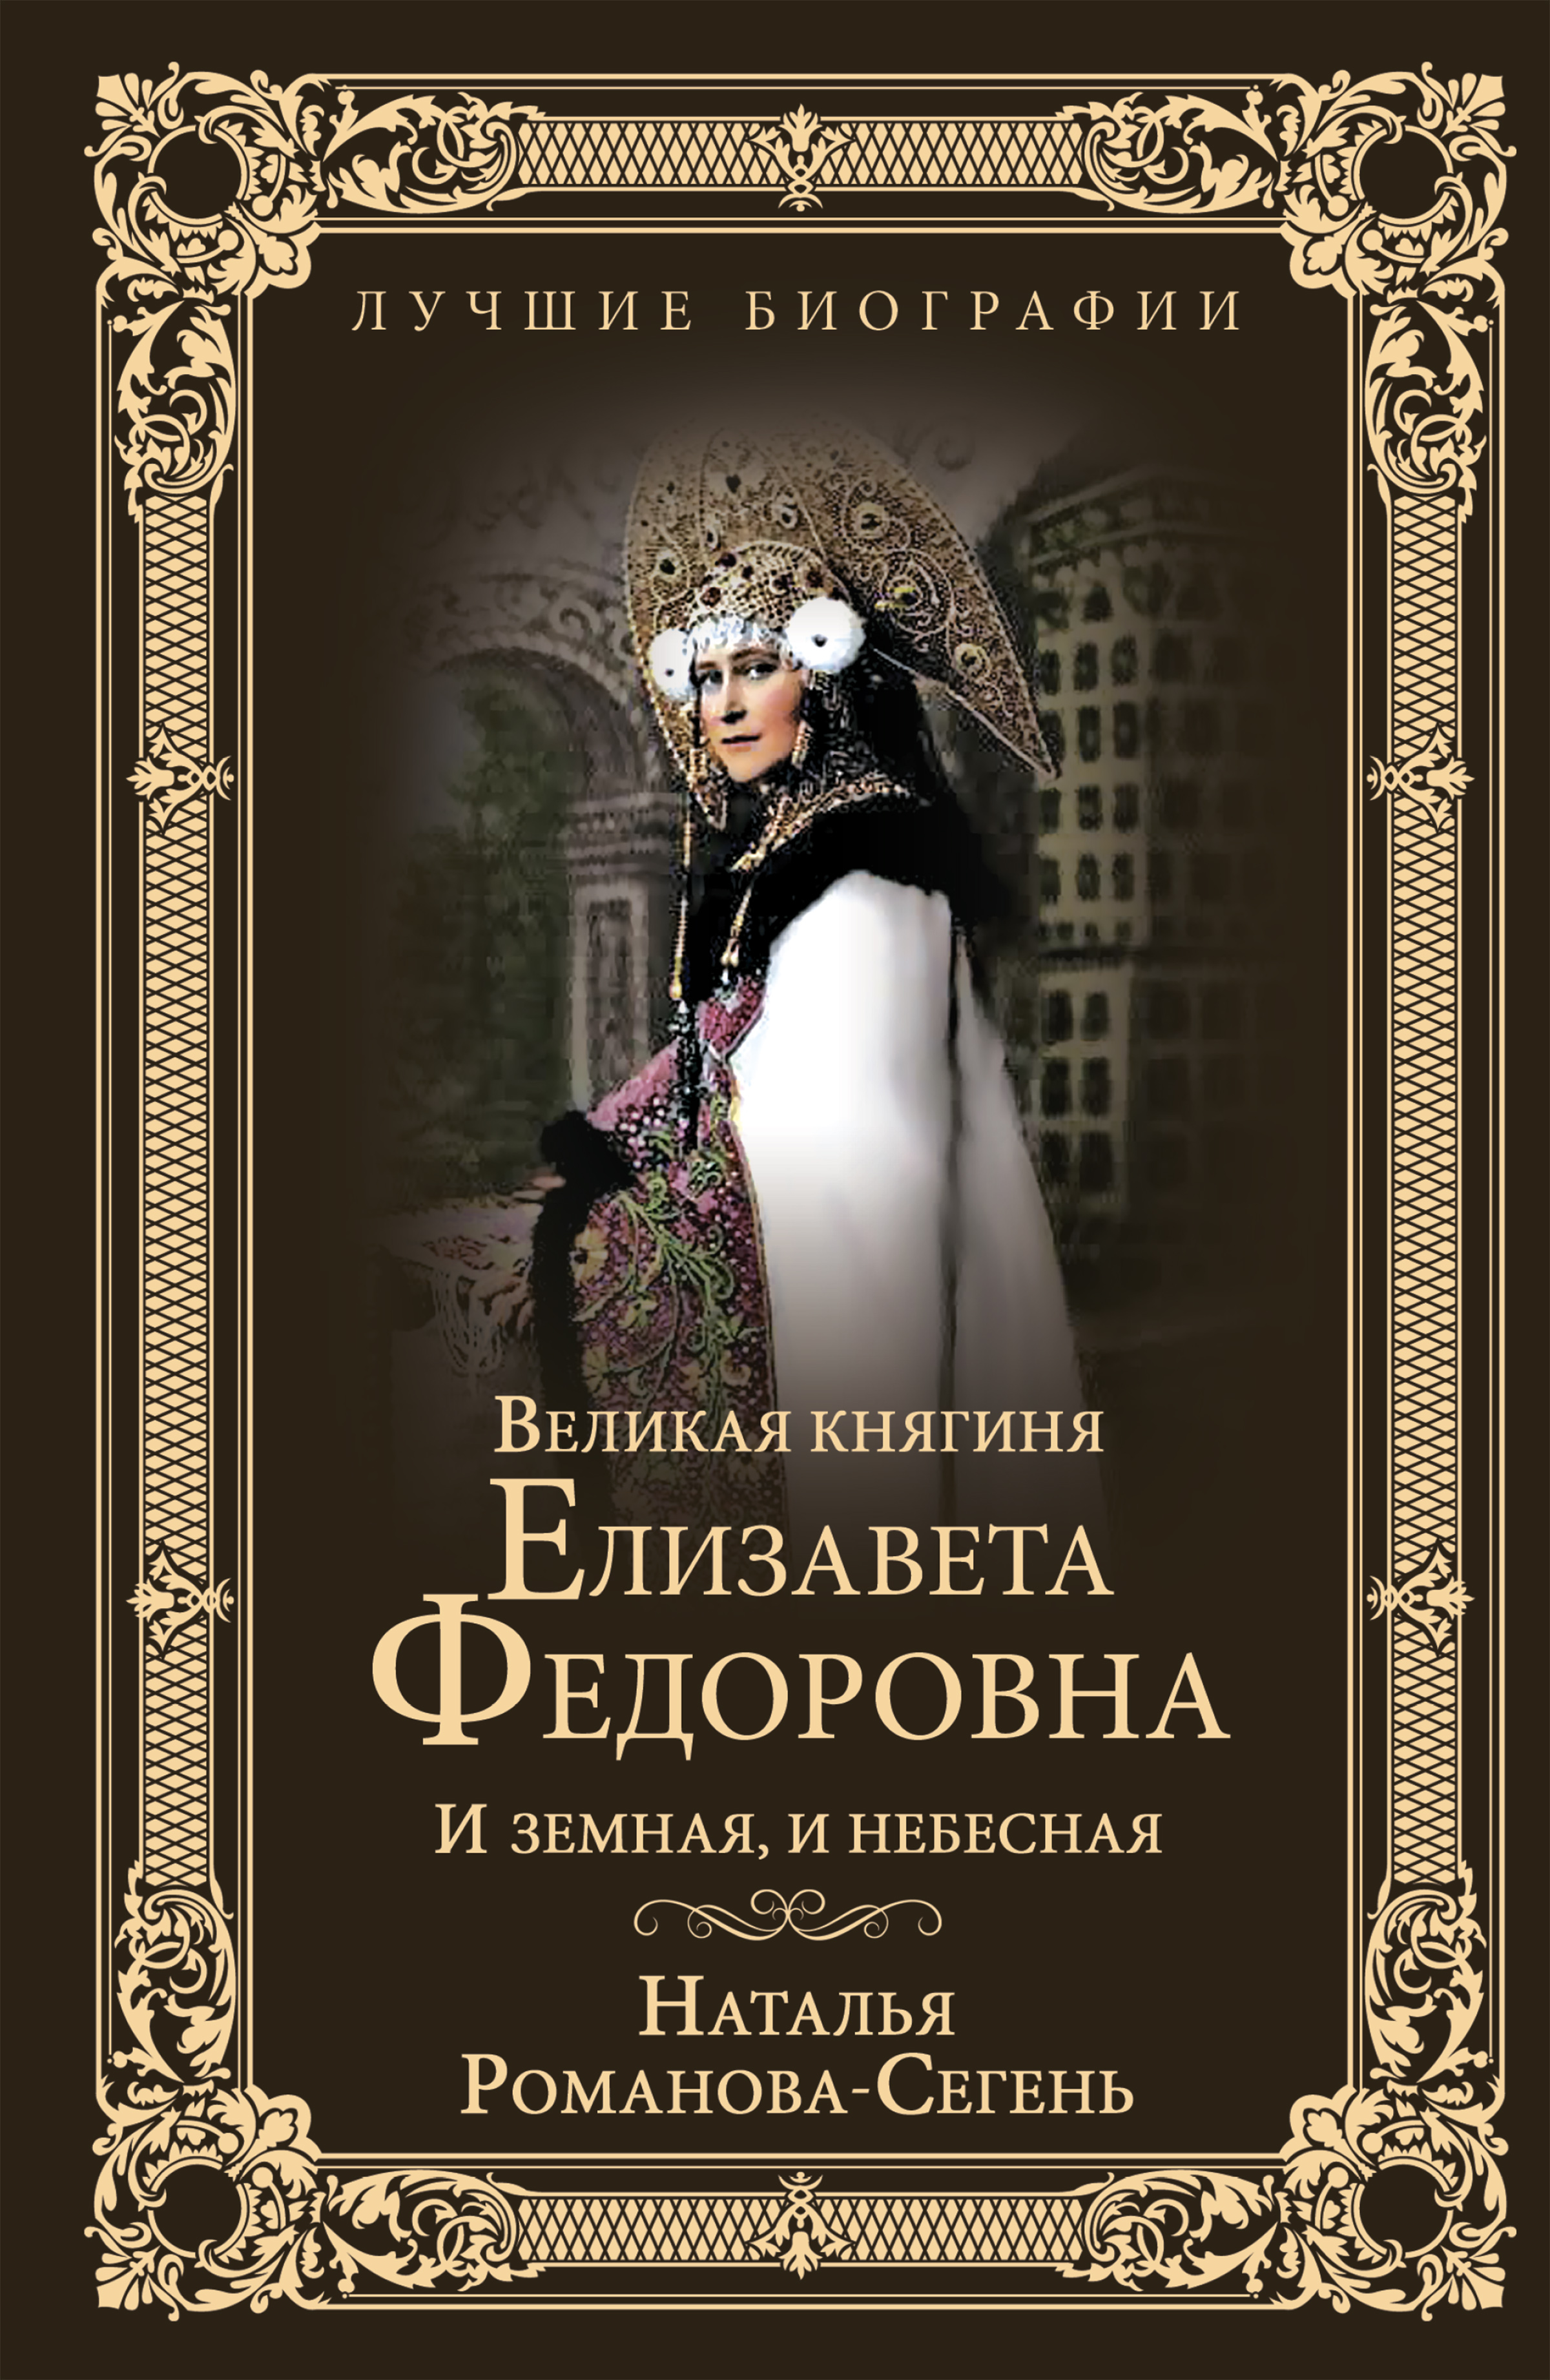 Наталья Романова-Сегень Великая княгиня Елизавета Федоровна. И земная, и небесная